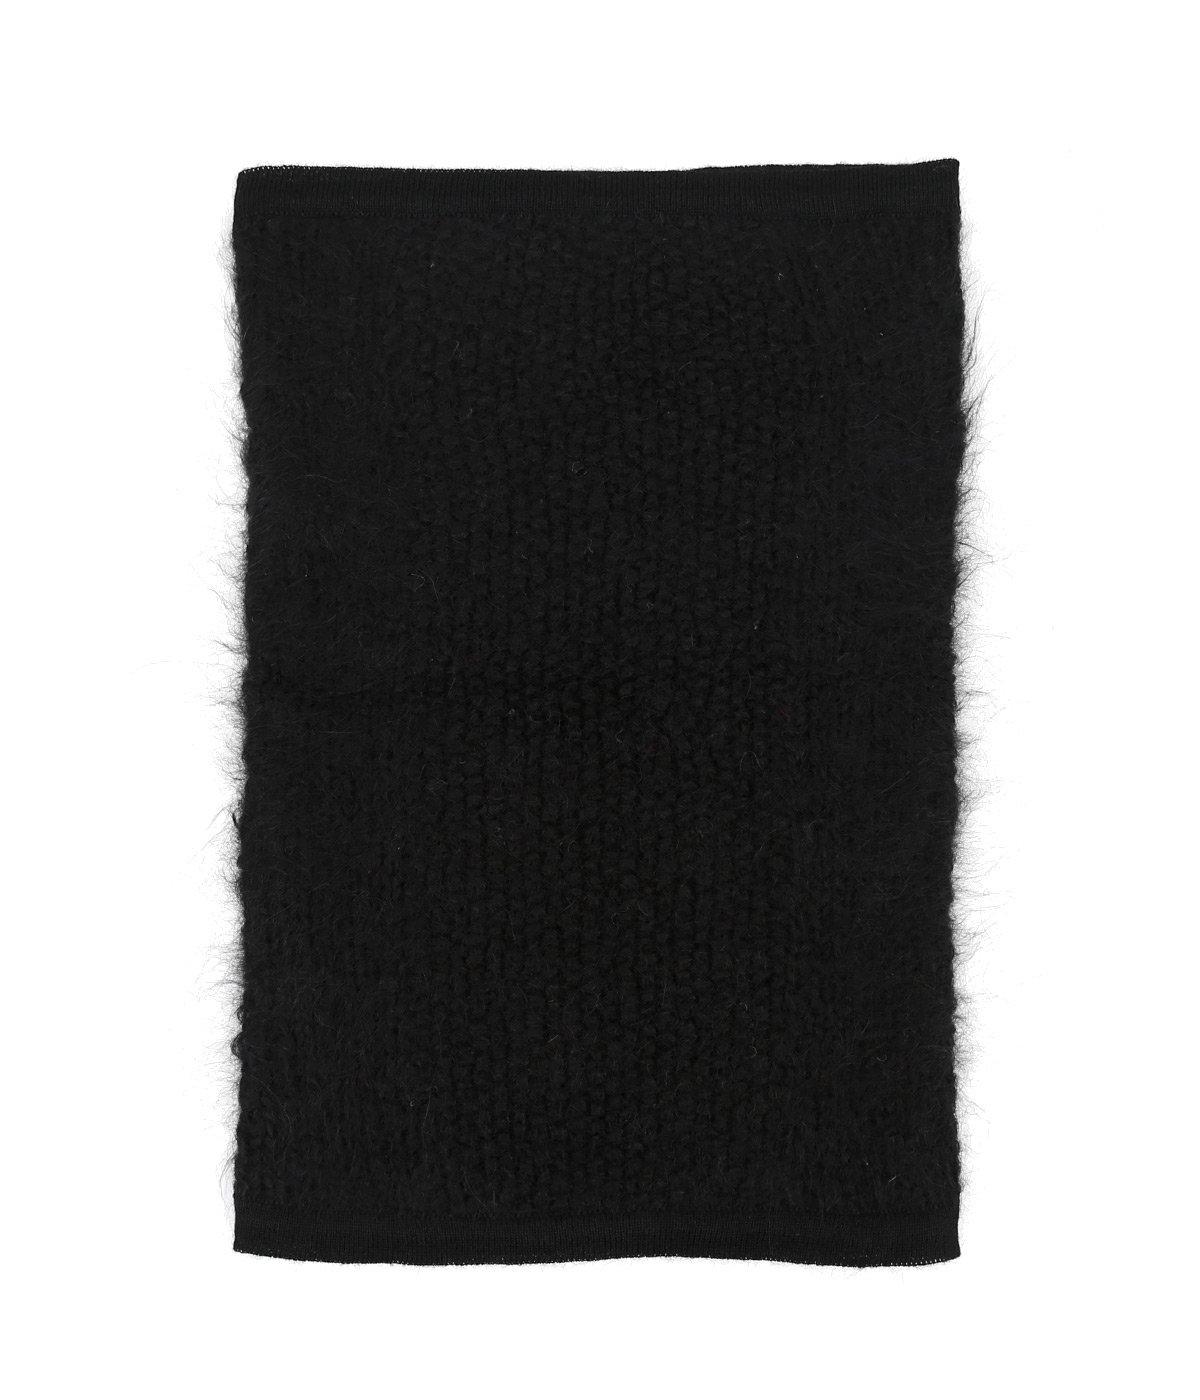 Hand-Knit Suri Alpaca Neck Gaiter